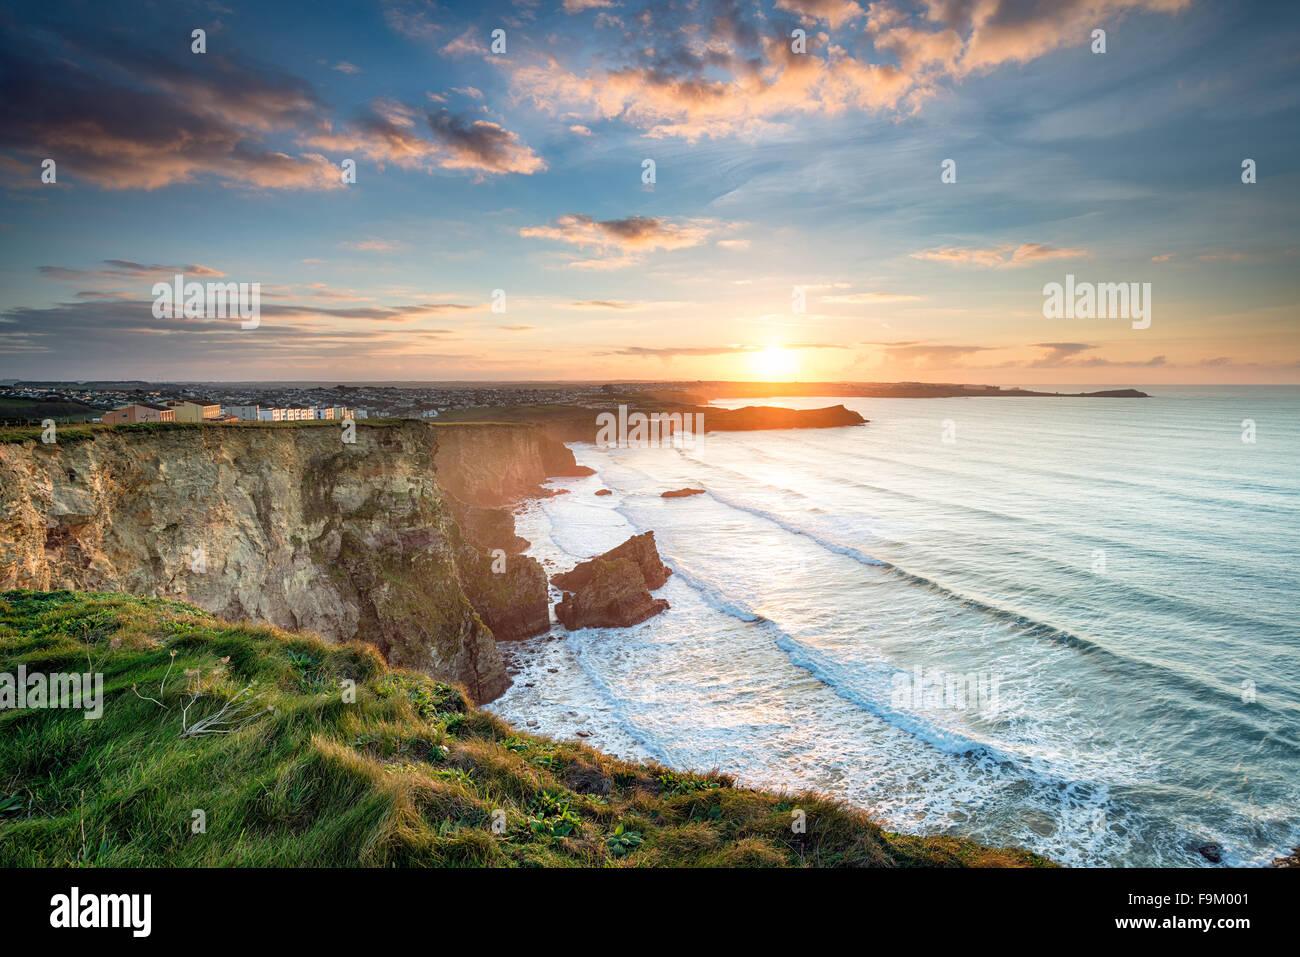 De superbes falaises de coucher de soleil spectaculaire sur la plage de Porth à Whipsiderry à Newquay, Cornwall Banque D'Images